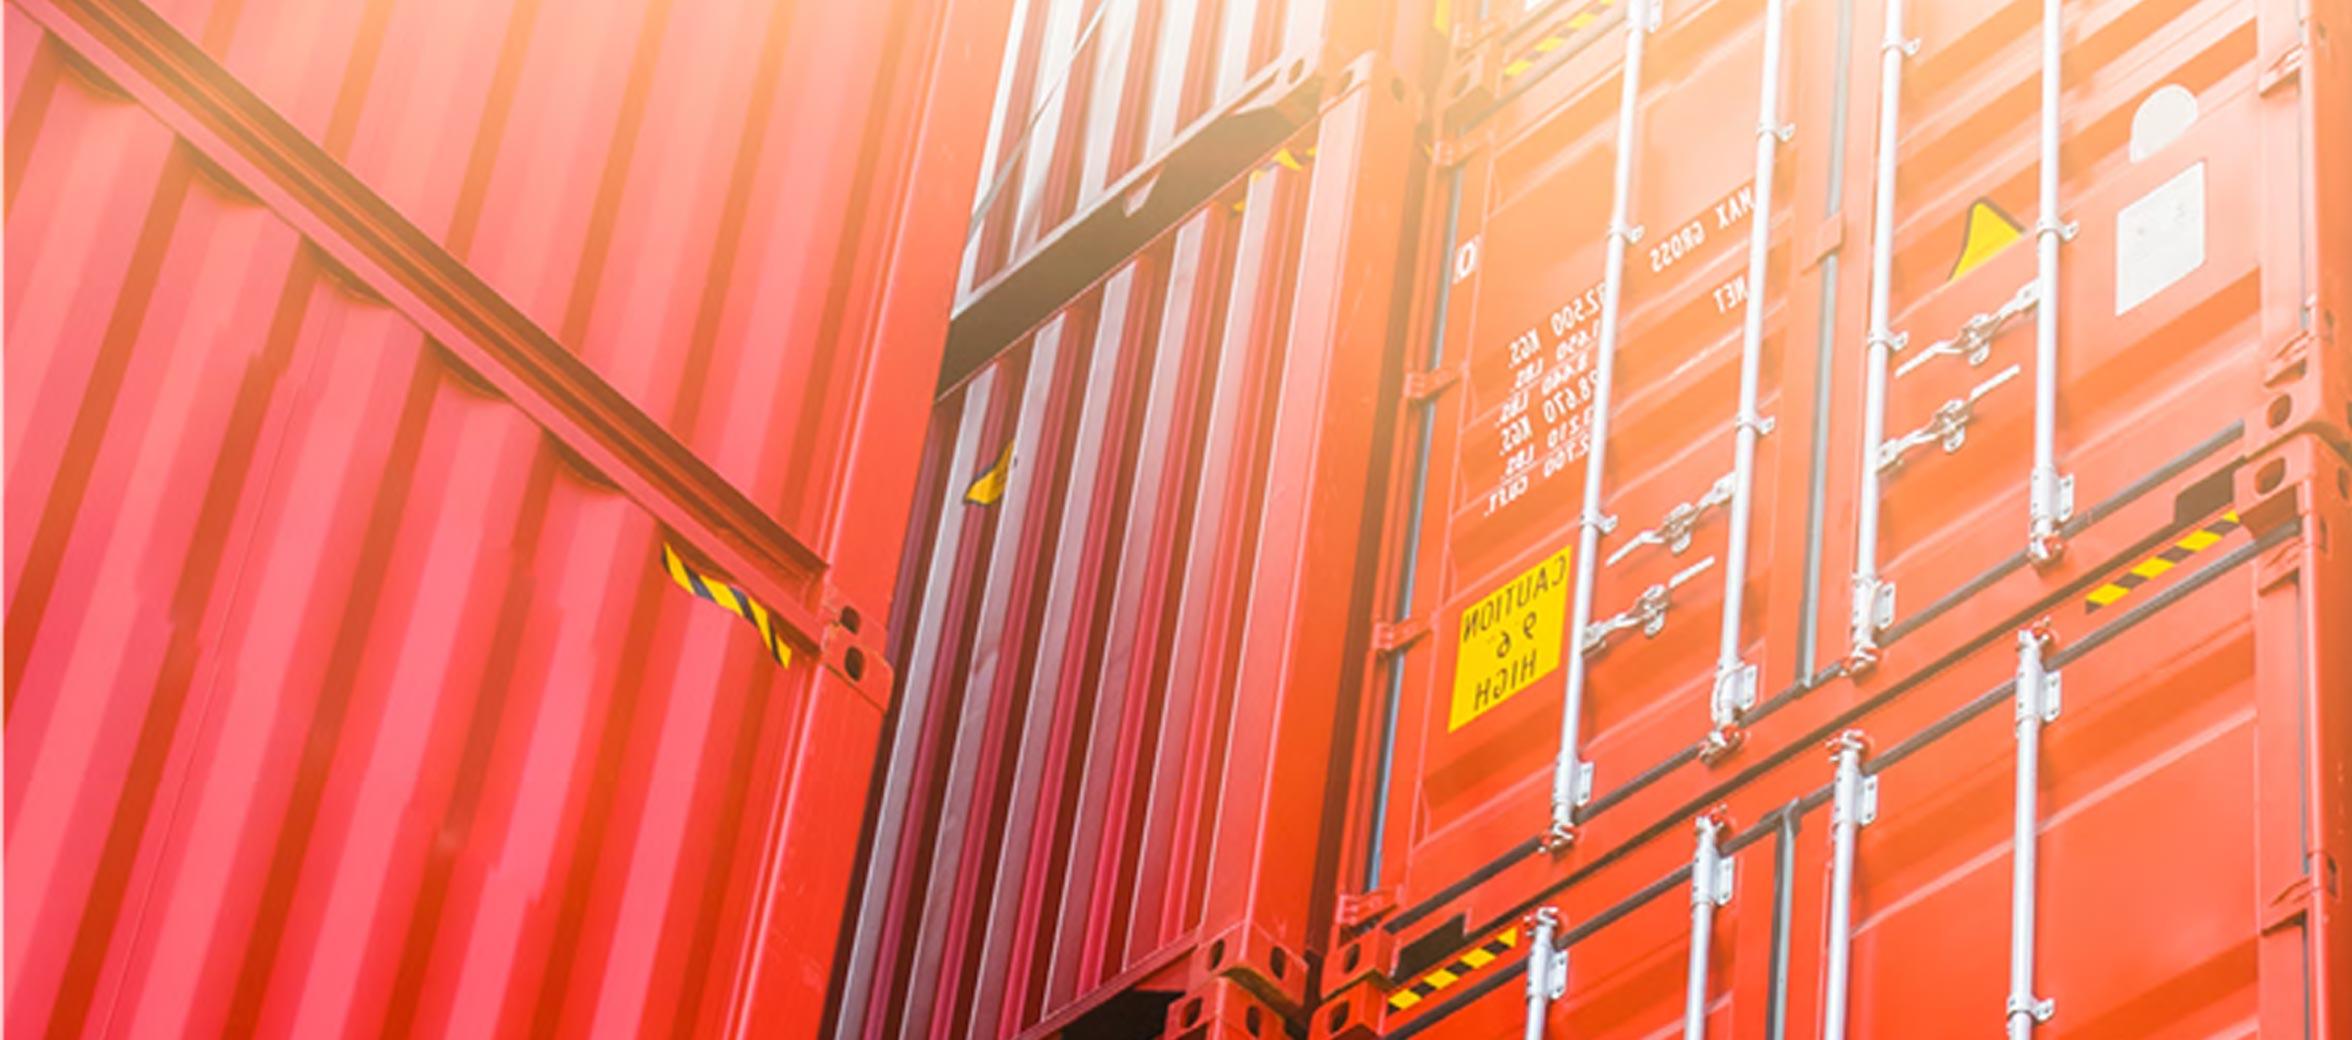 Investissement logistique nouveaux entrants